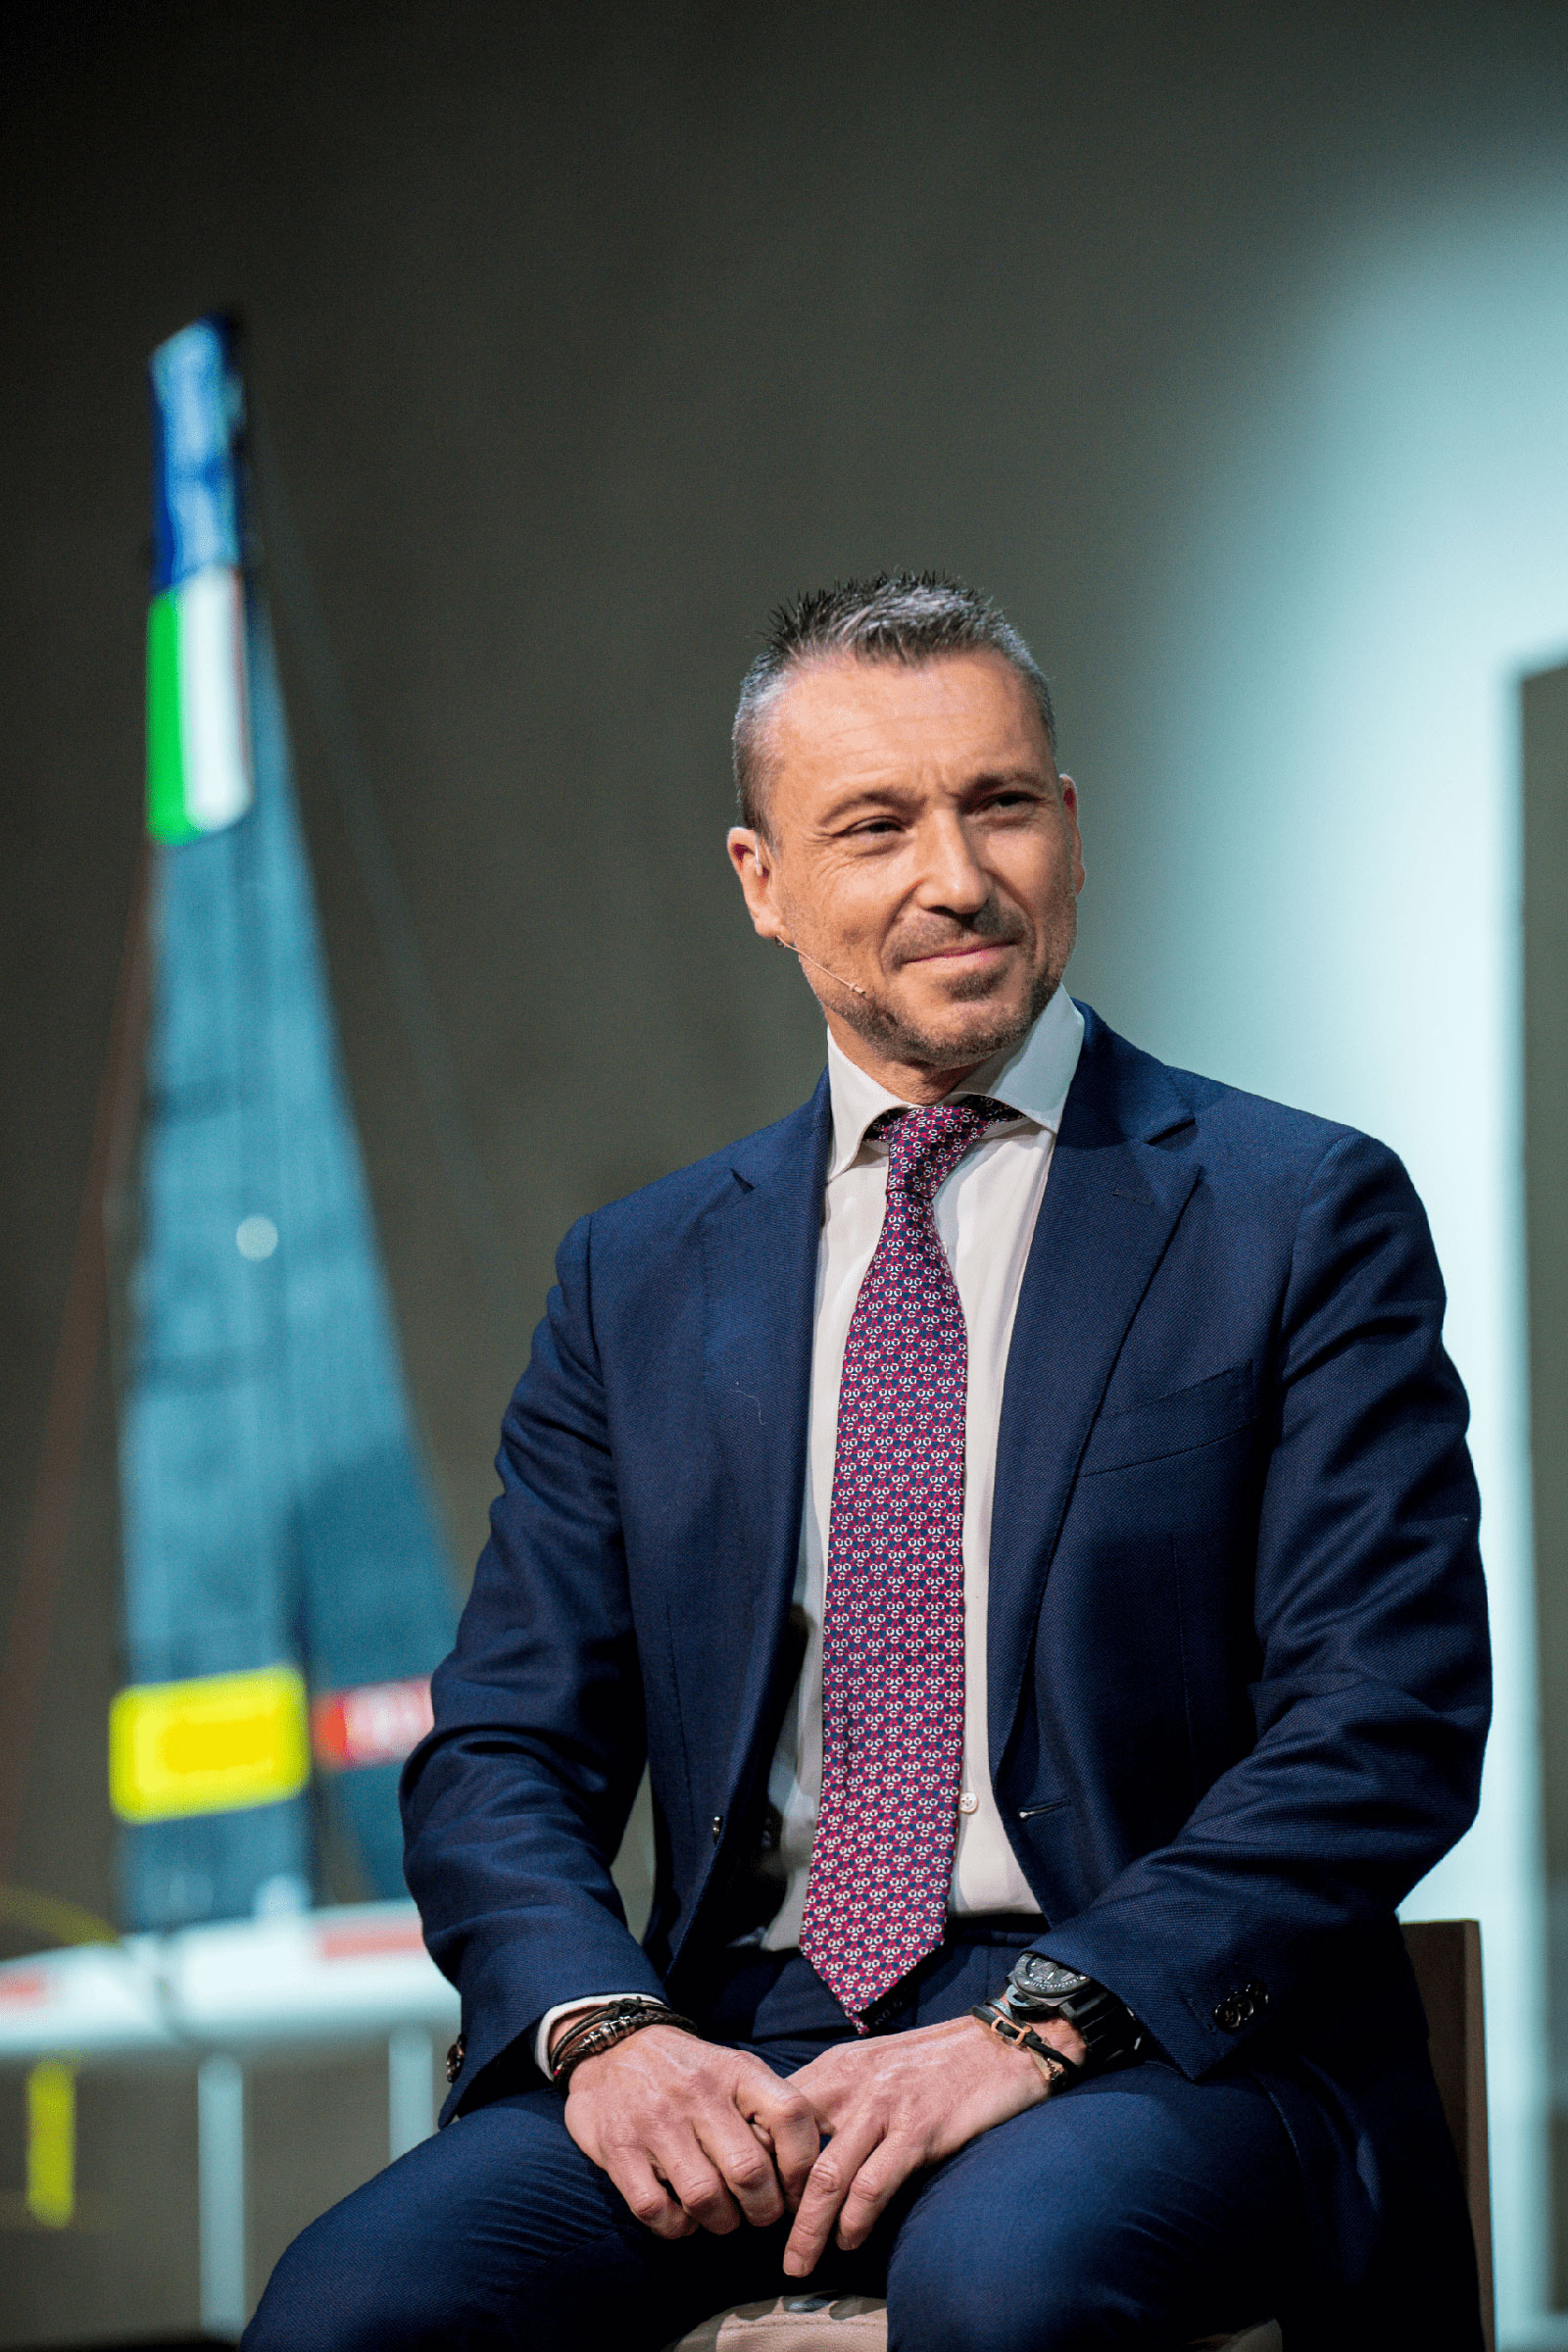 Jean-Marc Pontroue panerai CEO 2